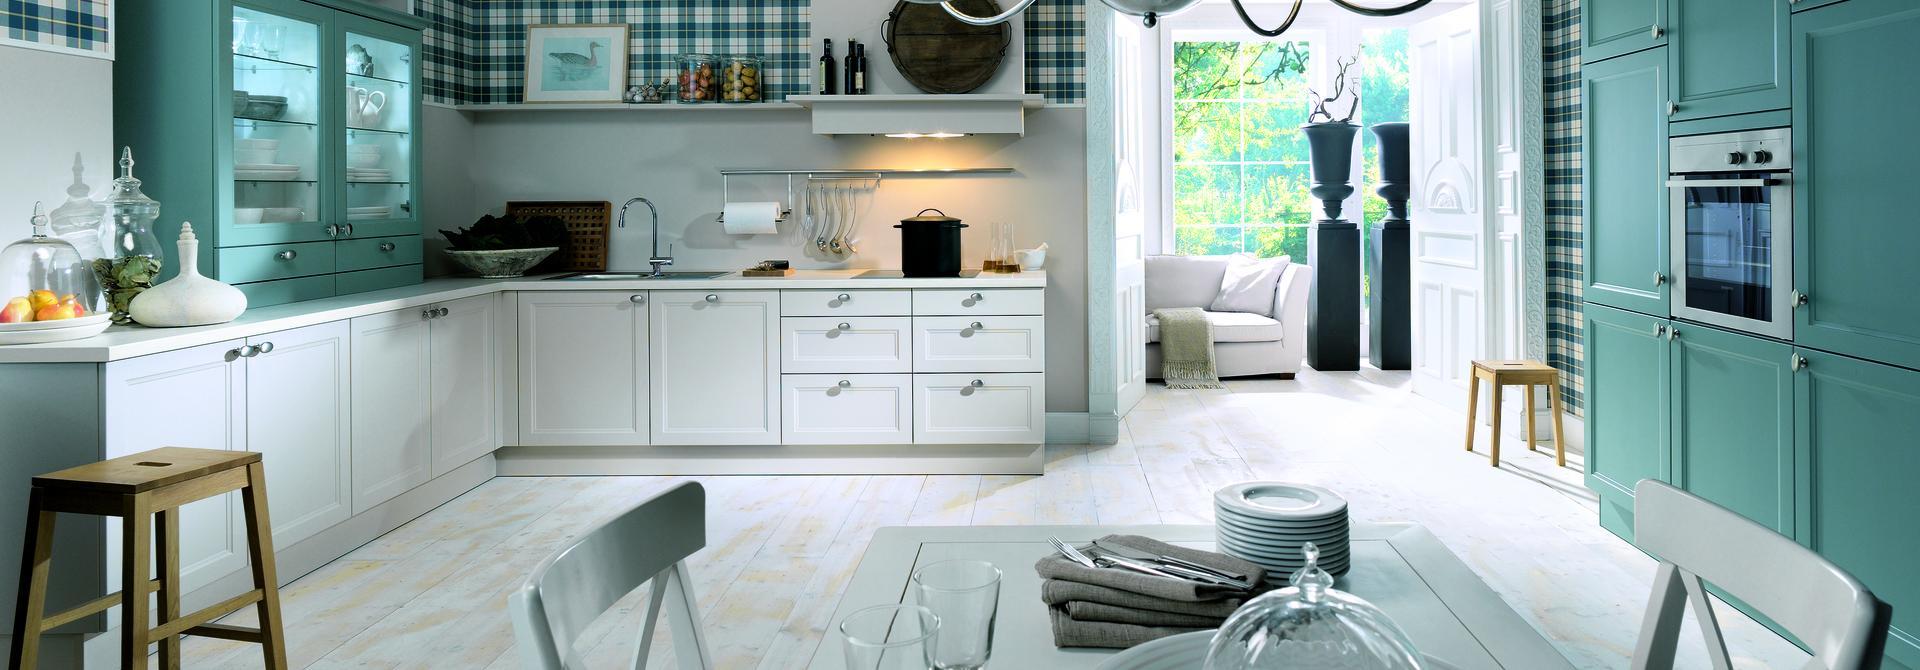 naturholz arbeitsplatte k che k che ahorn welche. Black Bedroom Furniture Sets. Home Design Ideas